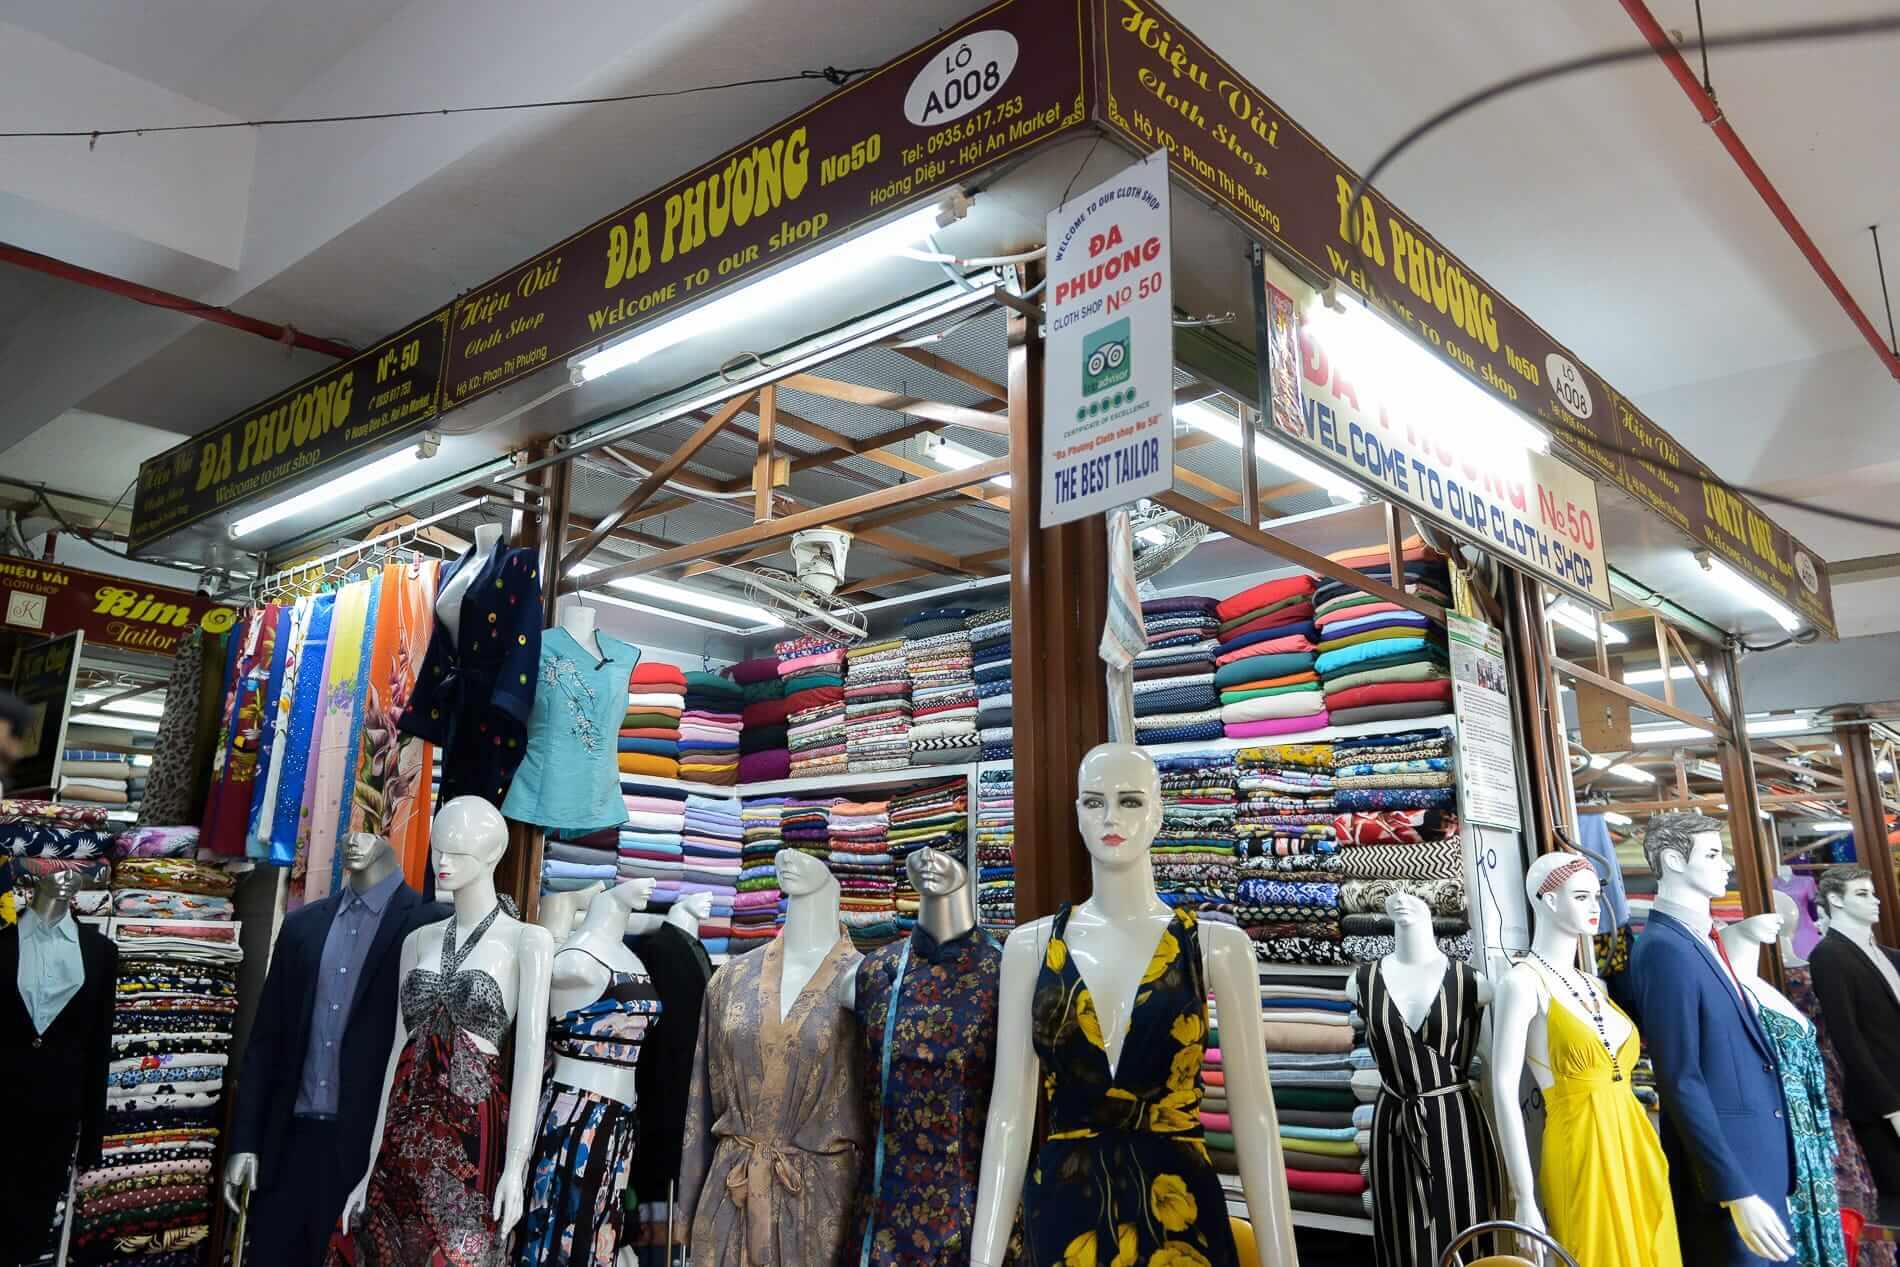 Da Phuong Tailor shop - Hoi An Shopping Guide